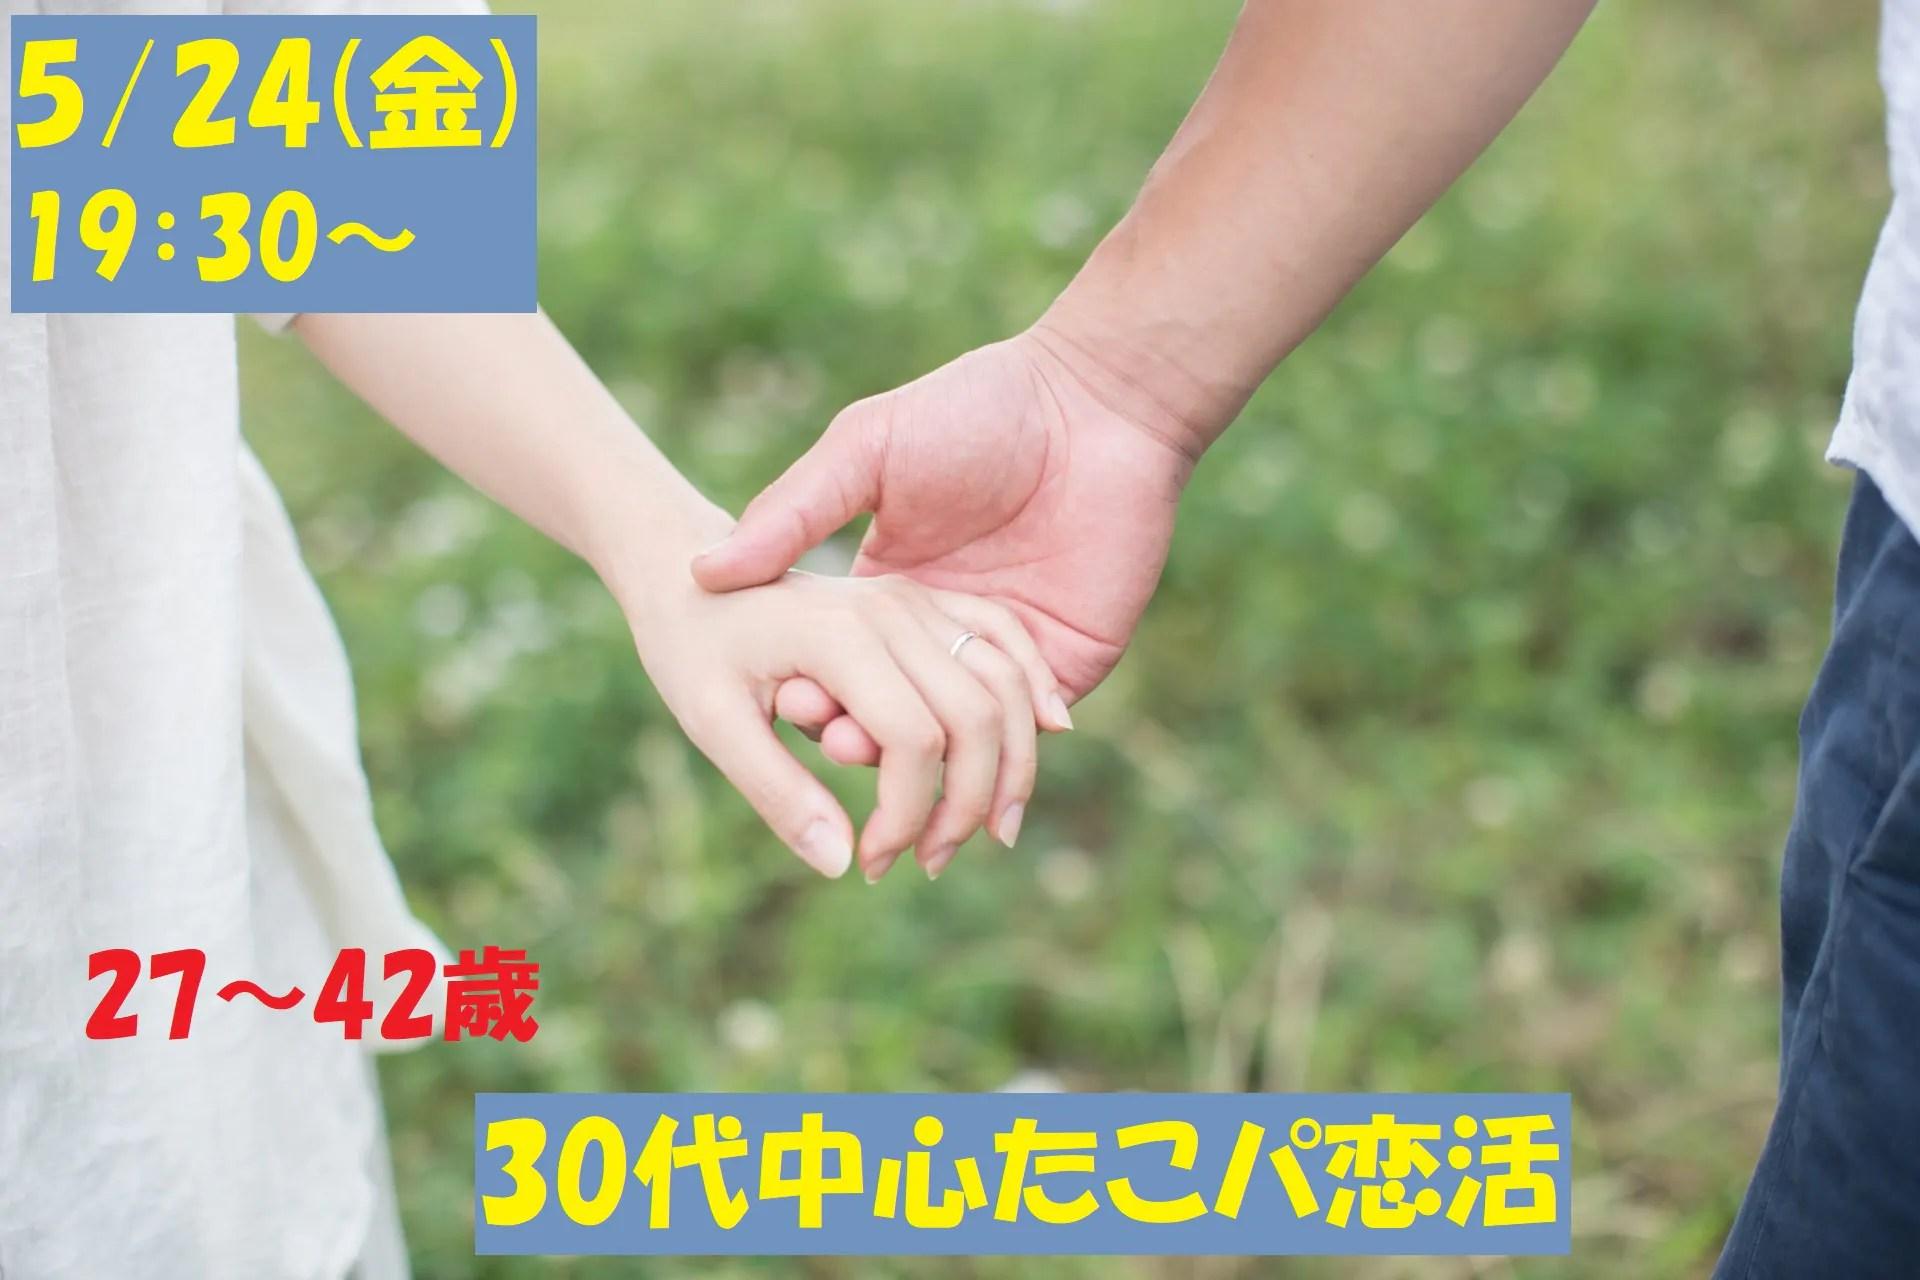 【終了】5月24日(金)19時30分~【27~42歳】友達スタート希望!!共同作業で盛り上がる!30代中心たこ焼きパーティ恋活!